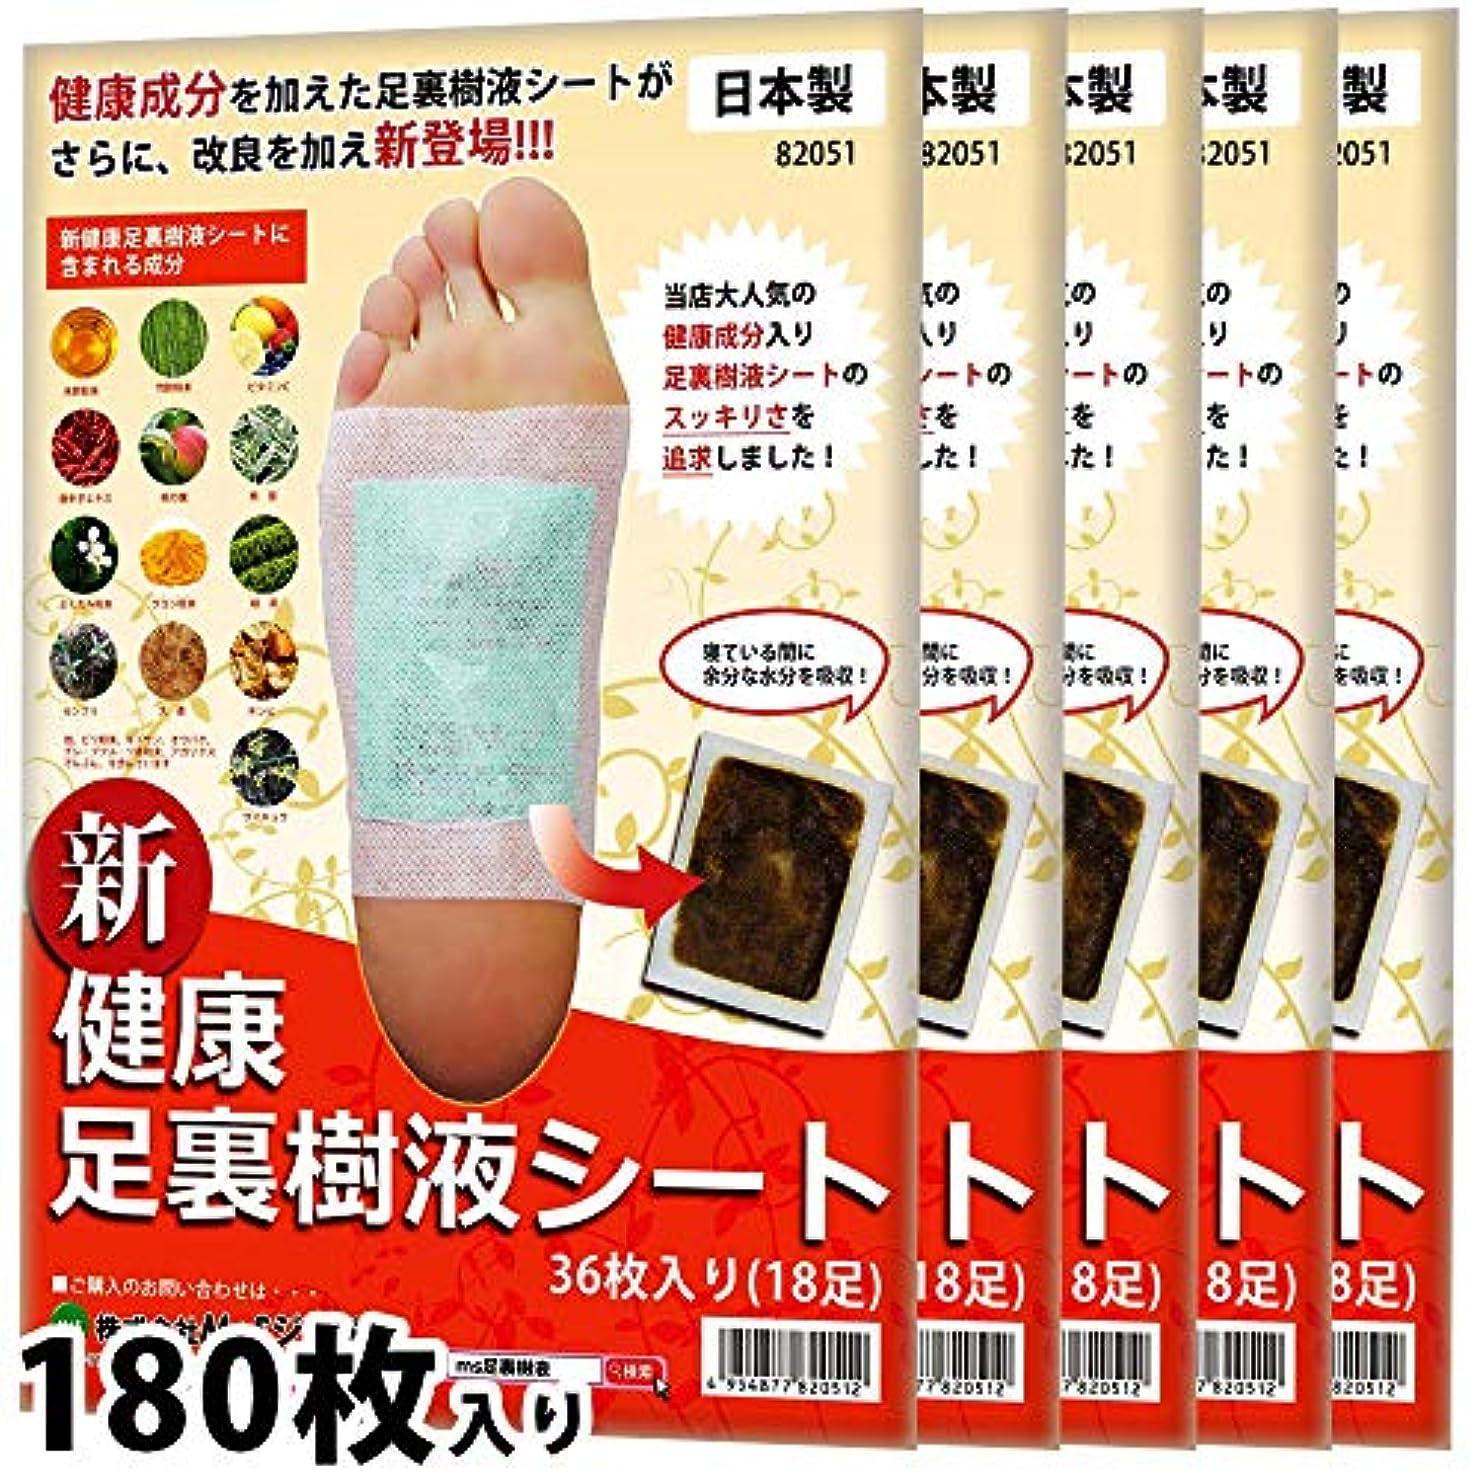 極めて重要な補うユダヤ人日本製 新健康足裏樹液シート M&Sジャパン 樹液 シート フット ケア 足ツボ